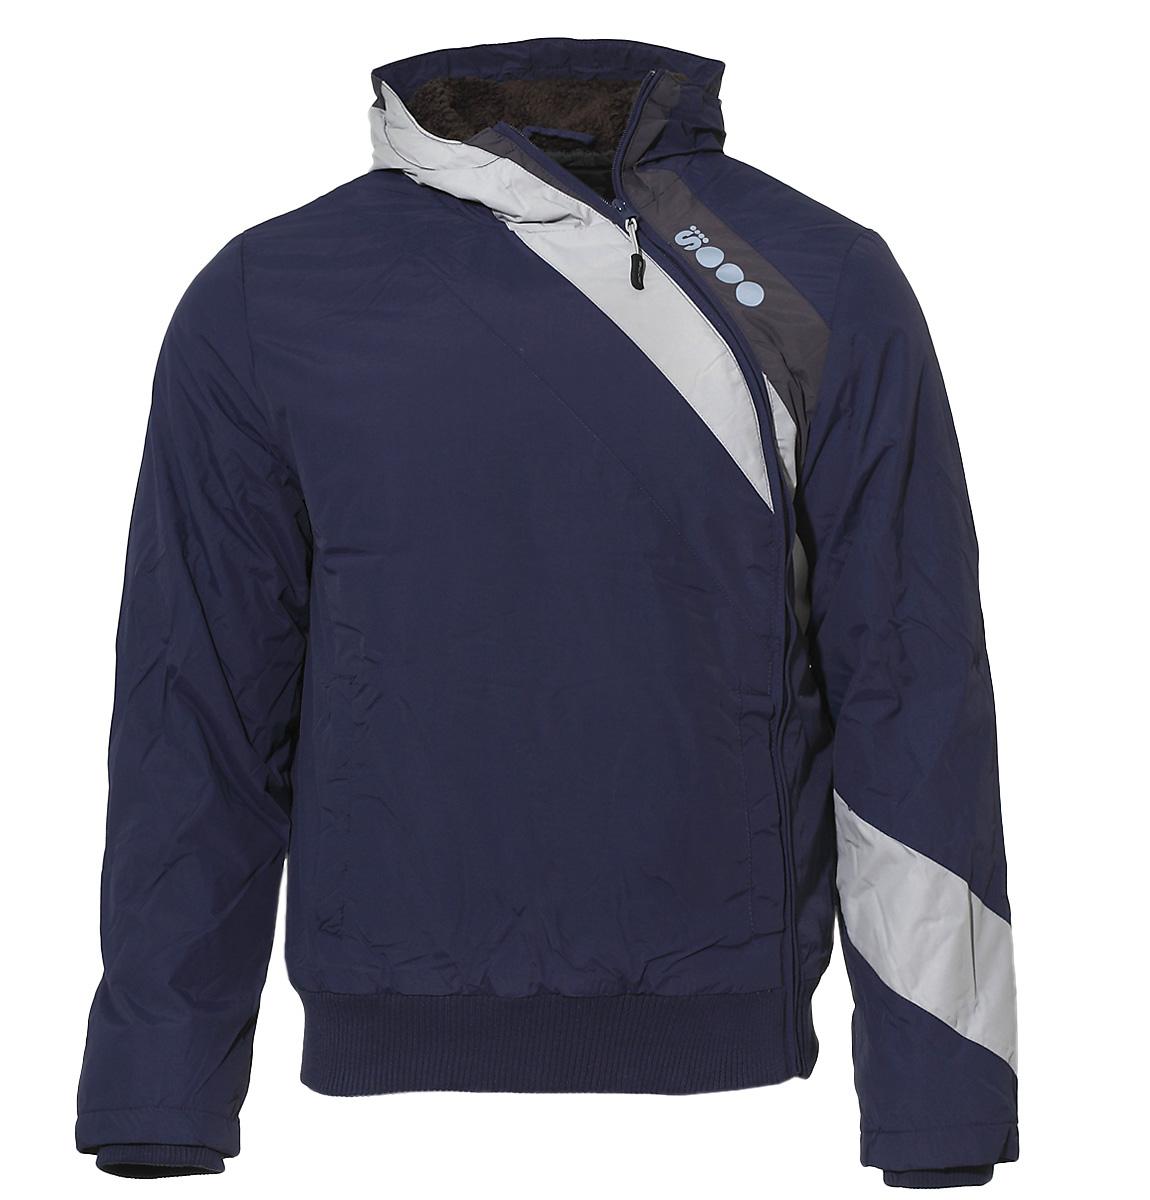 Ανδρικό Μπουφάν Splendid D.Blue αρχική ανδρικά ρούχα μπουφάν